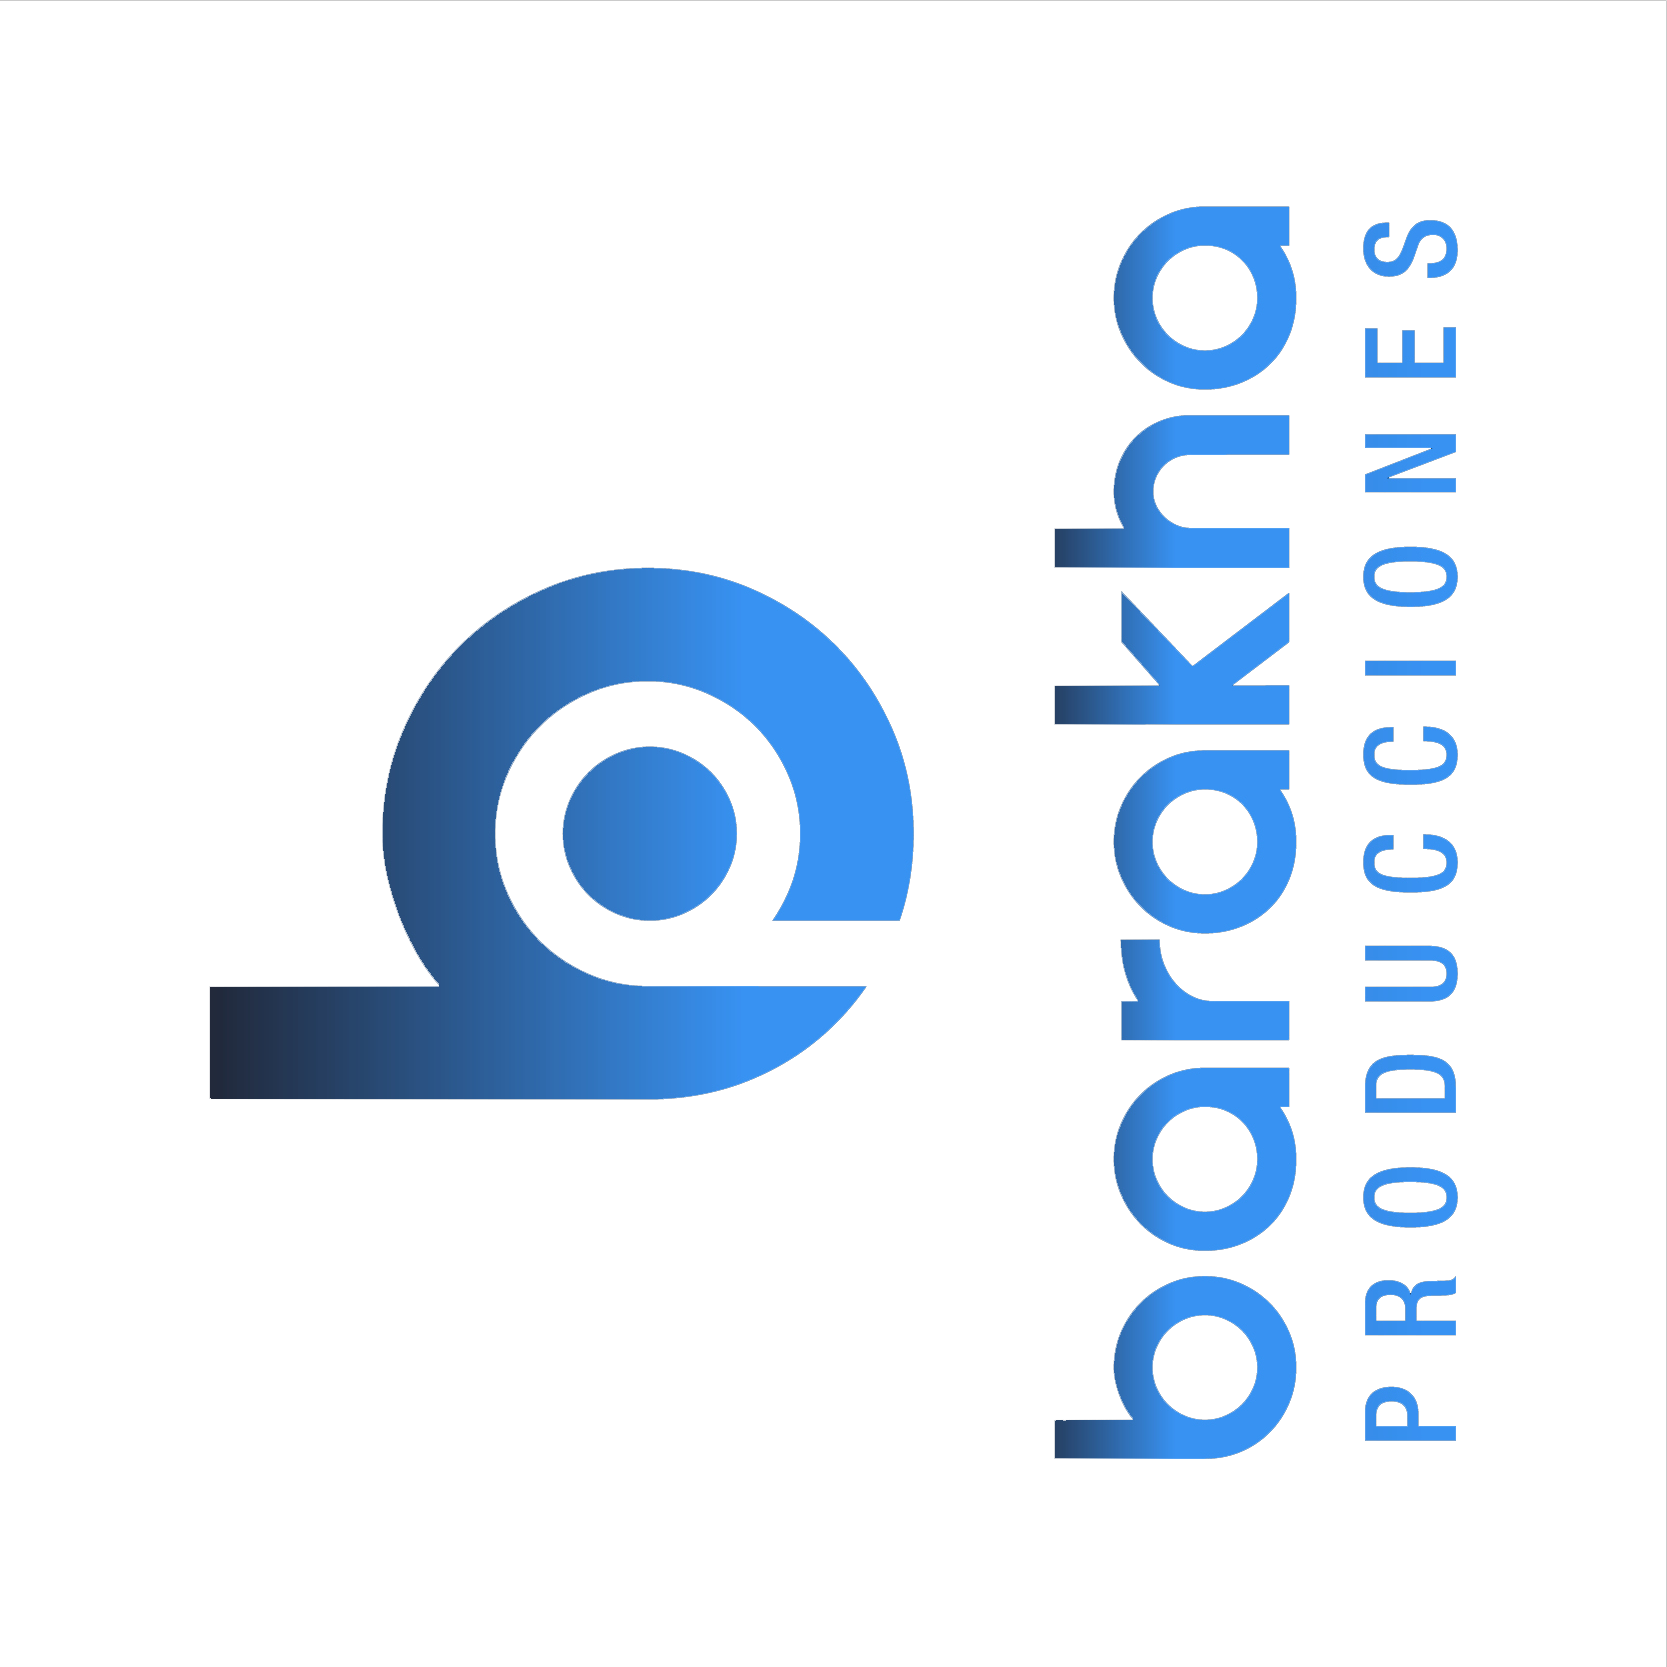 Barakha Producciones - Productora de cine, publicidad y comunicación